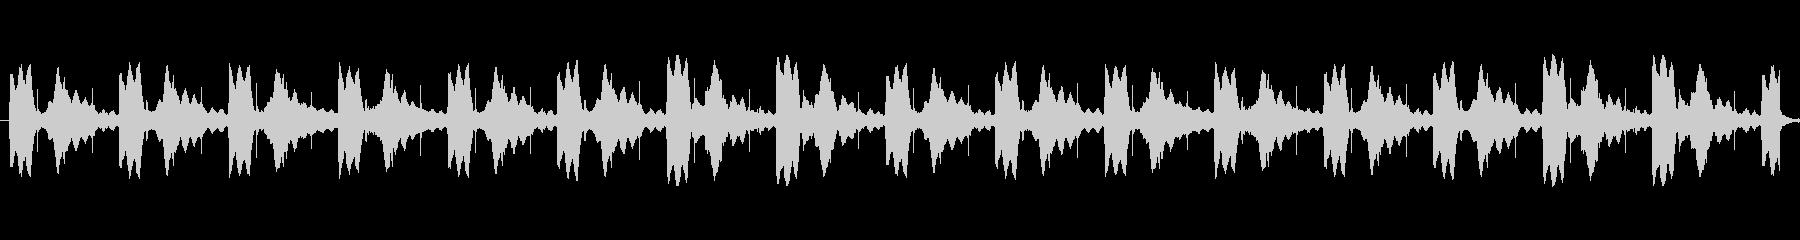 不気味なトイピアノによる怖いBGMの未再生の波形